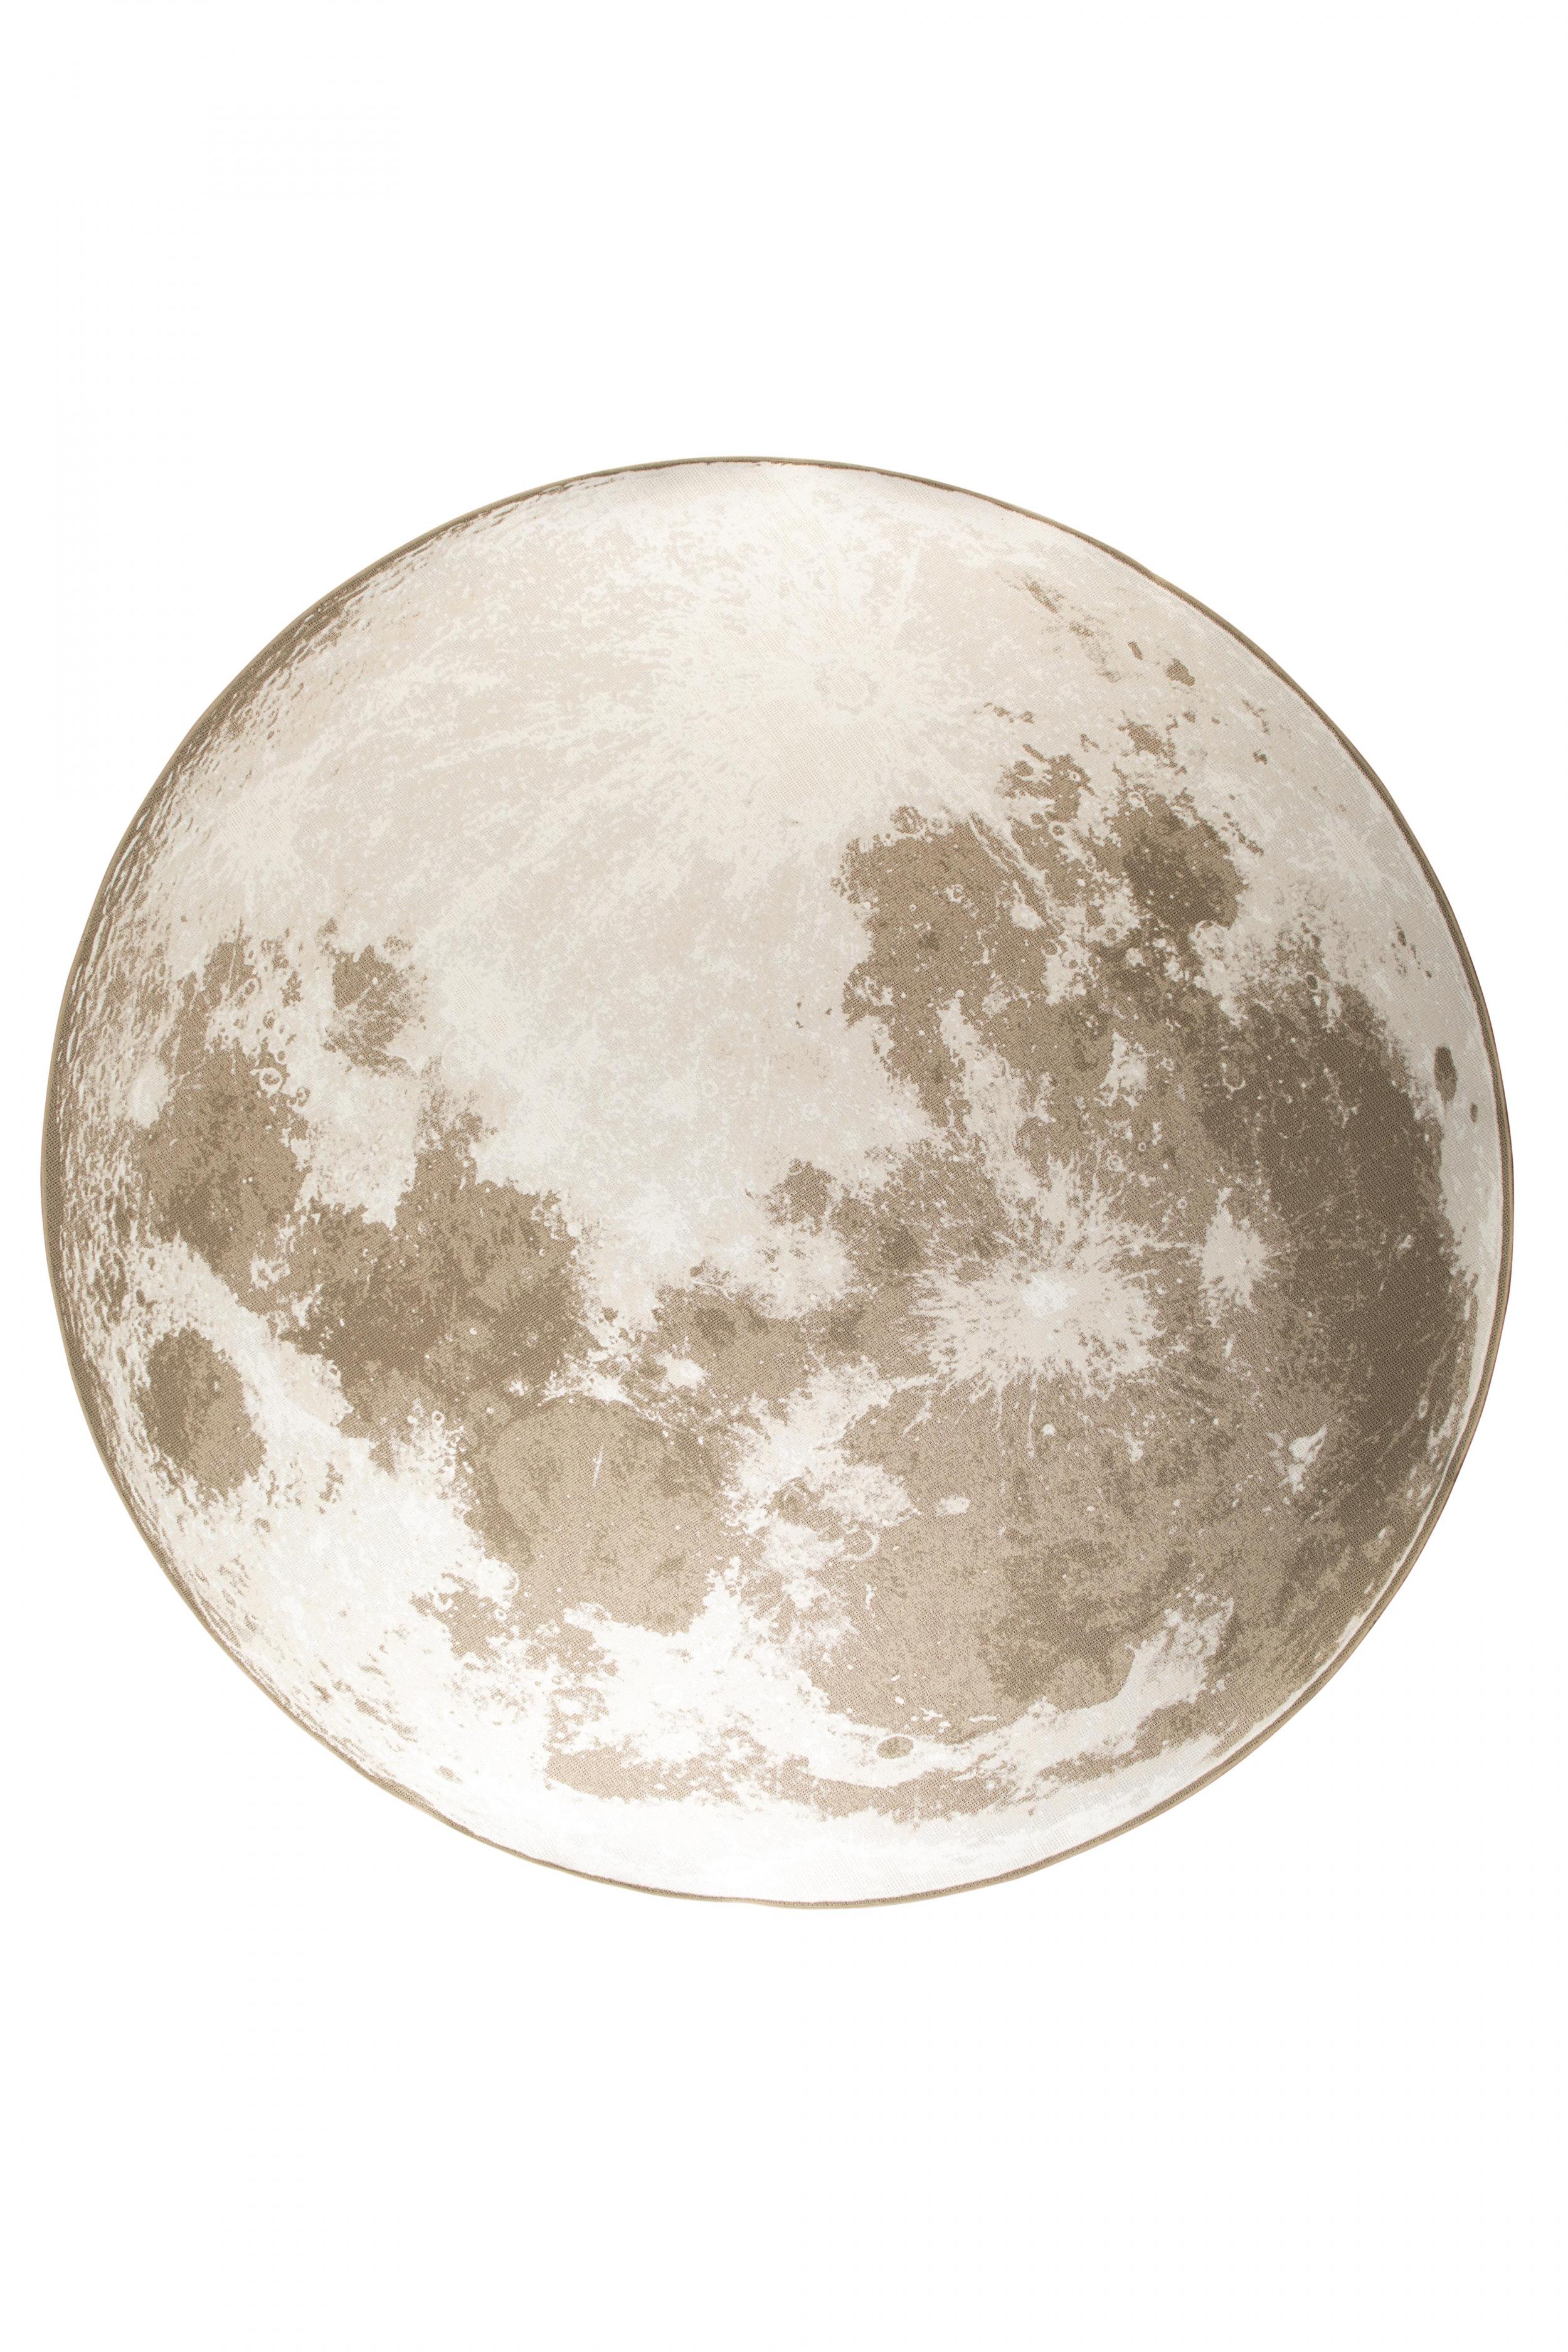 Zuiver Outdoor Vloerkleed Moon Soft Latte - 200 CM